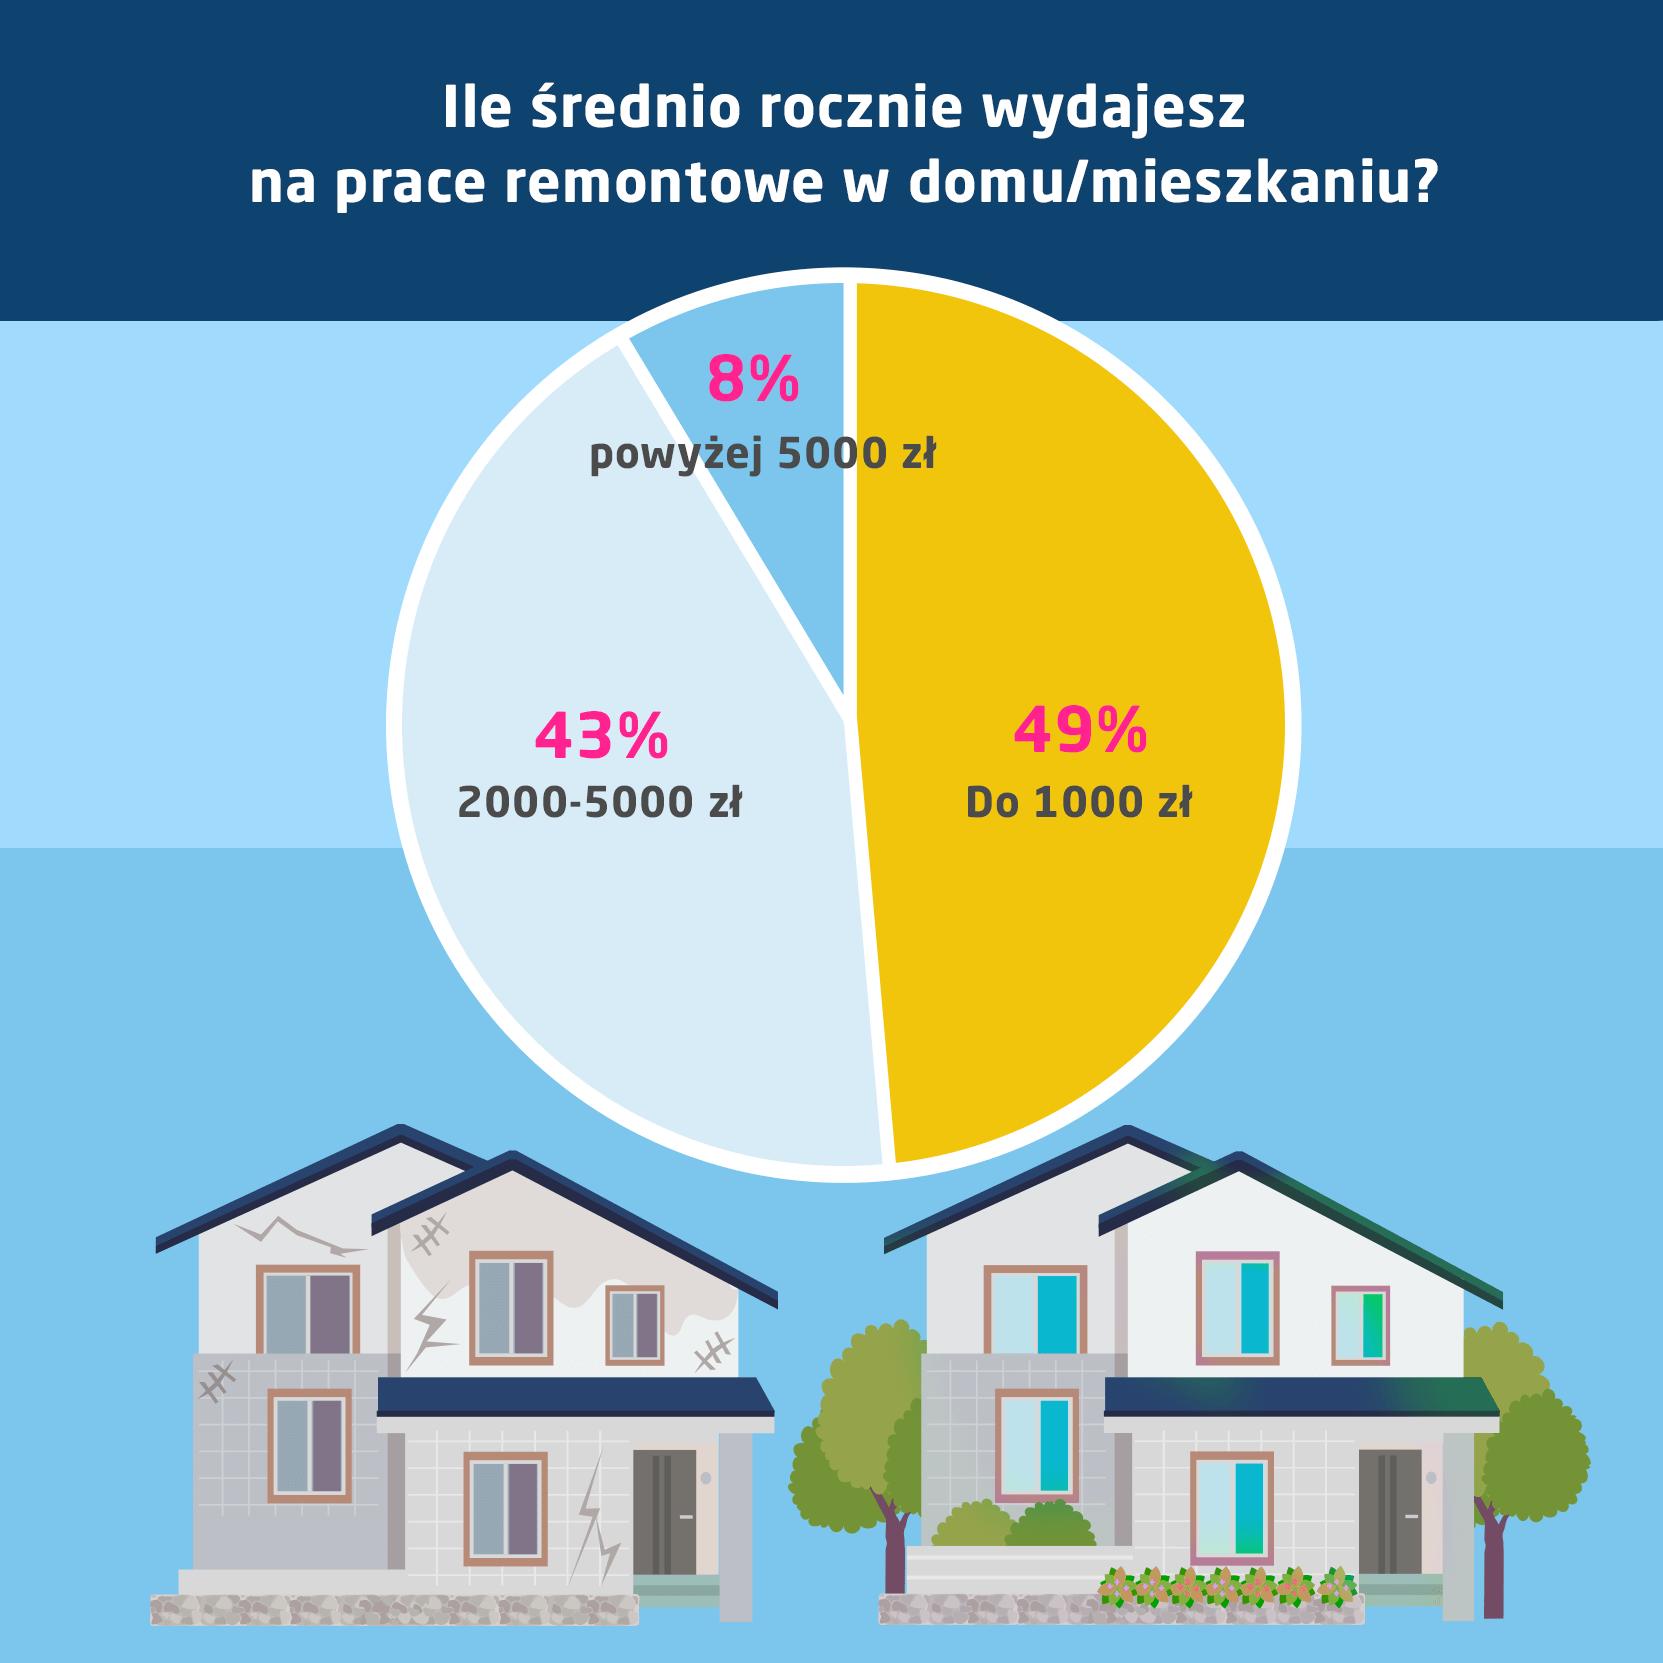 ile średnio wydajesz na prace remontowe? infografika